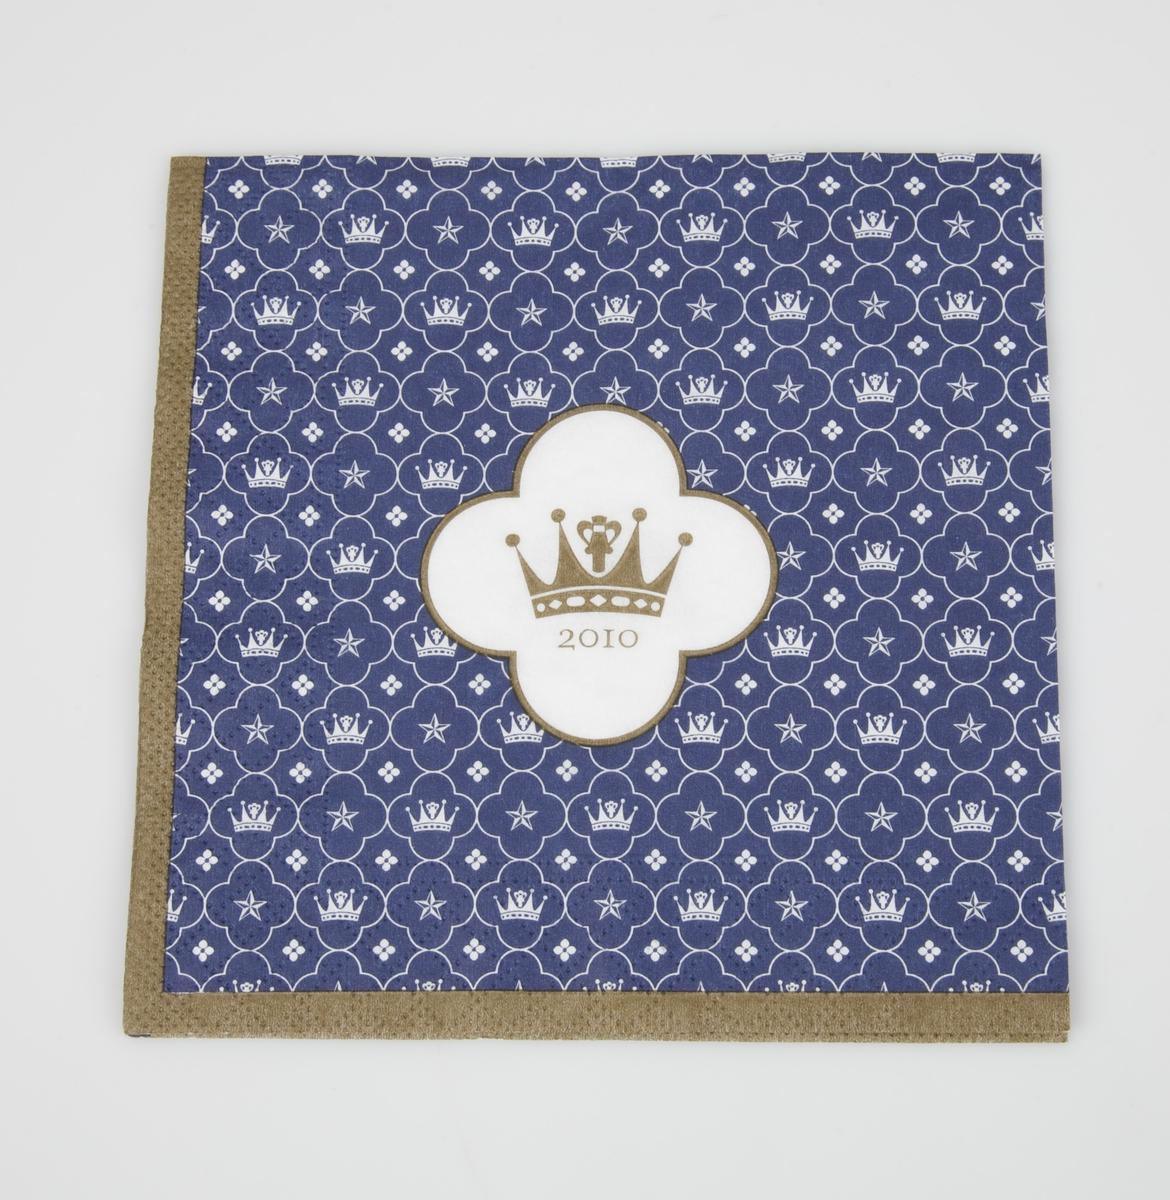 A og B er identiske: Motivet hentet fra Drotningholm slott. Stjerne, firbladet blomst og krone tegnet i hvitt mot en blå bunn. Midt på den kvarte delen er en firbladet hvit blomst med gullkanter og en krone i gull i midten.